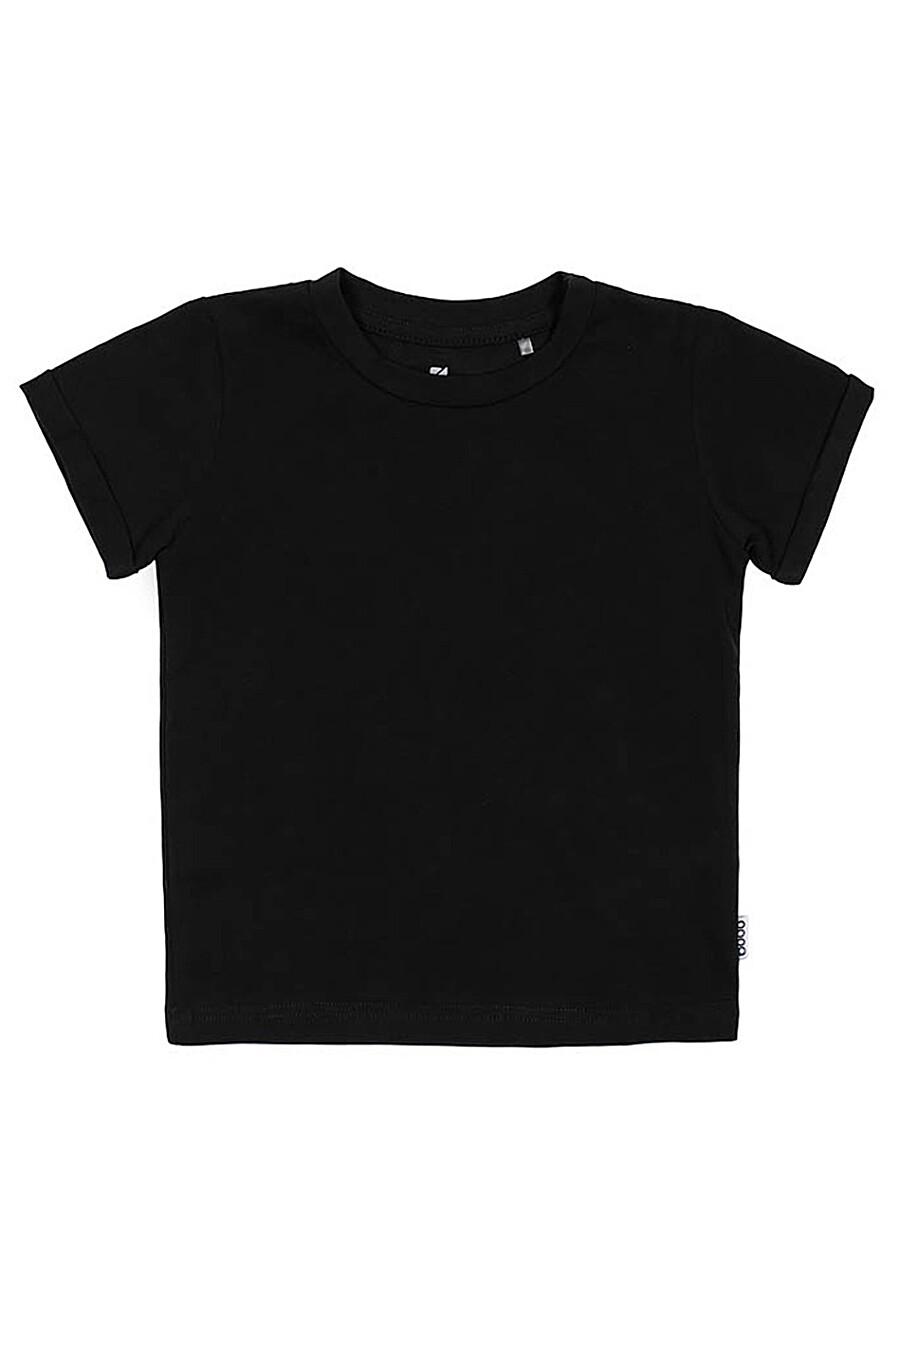 Футболка для мальчиков BODO 272781 купить оптом от производителя. Совместная покупка детской одежды в OptMoyo